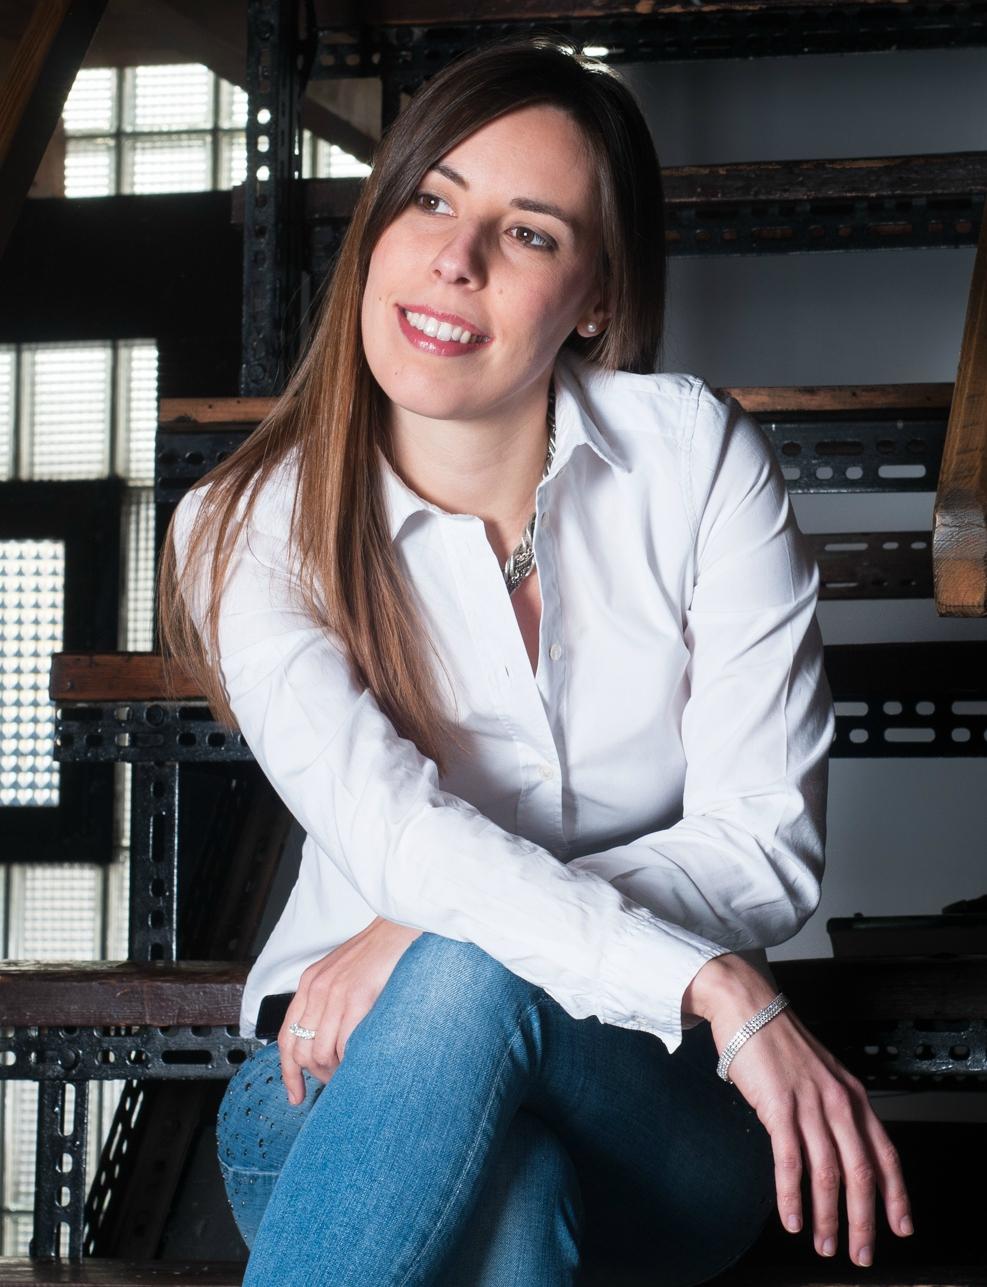 Silvia Raga DyCare dones emprenedores Biocat